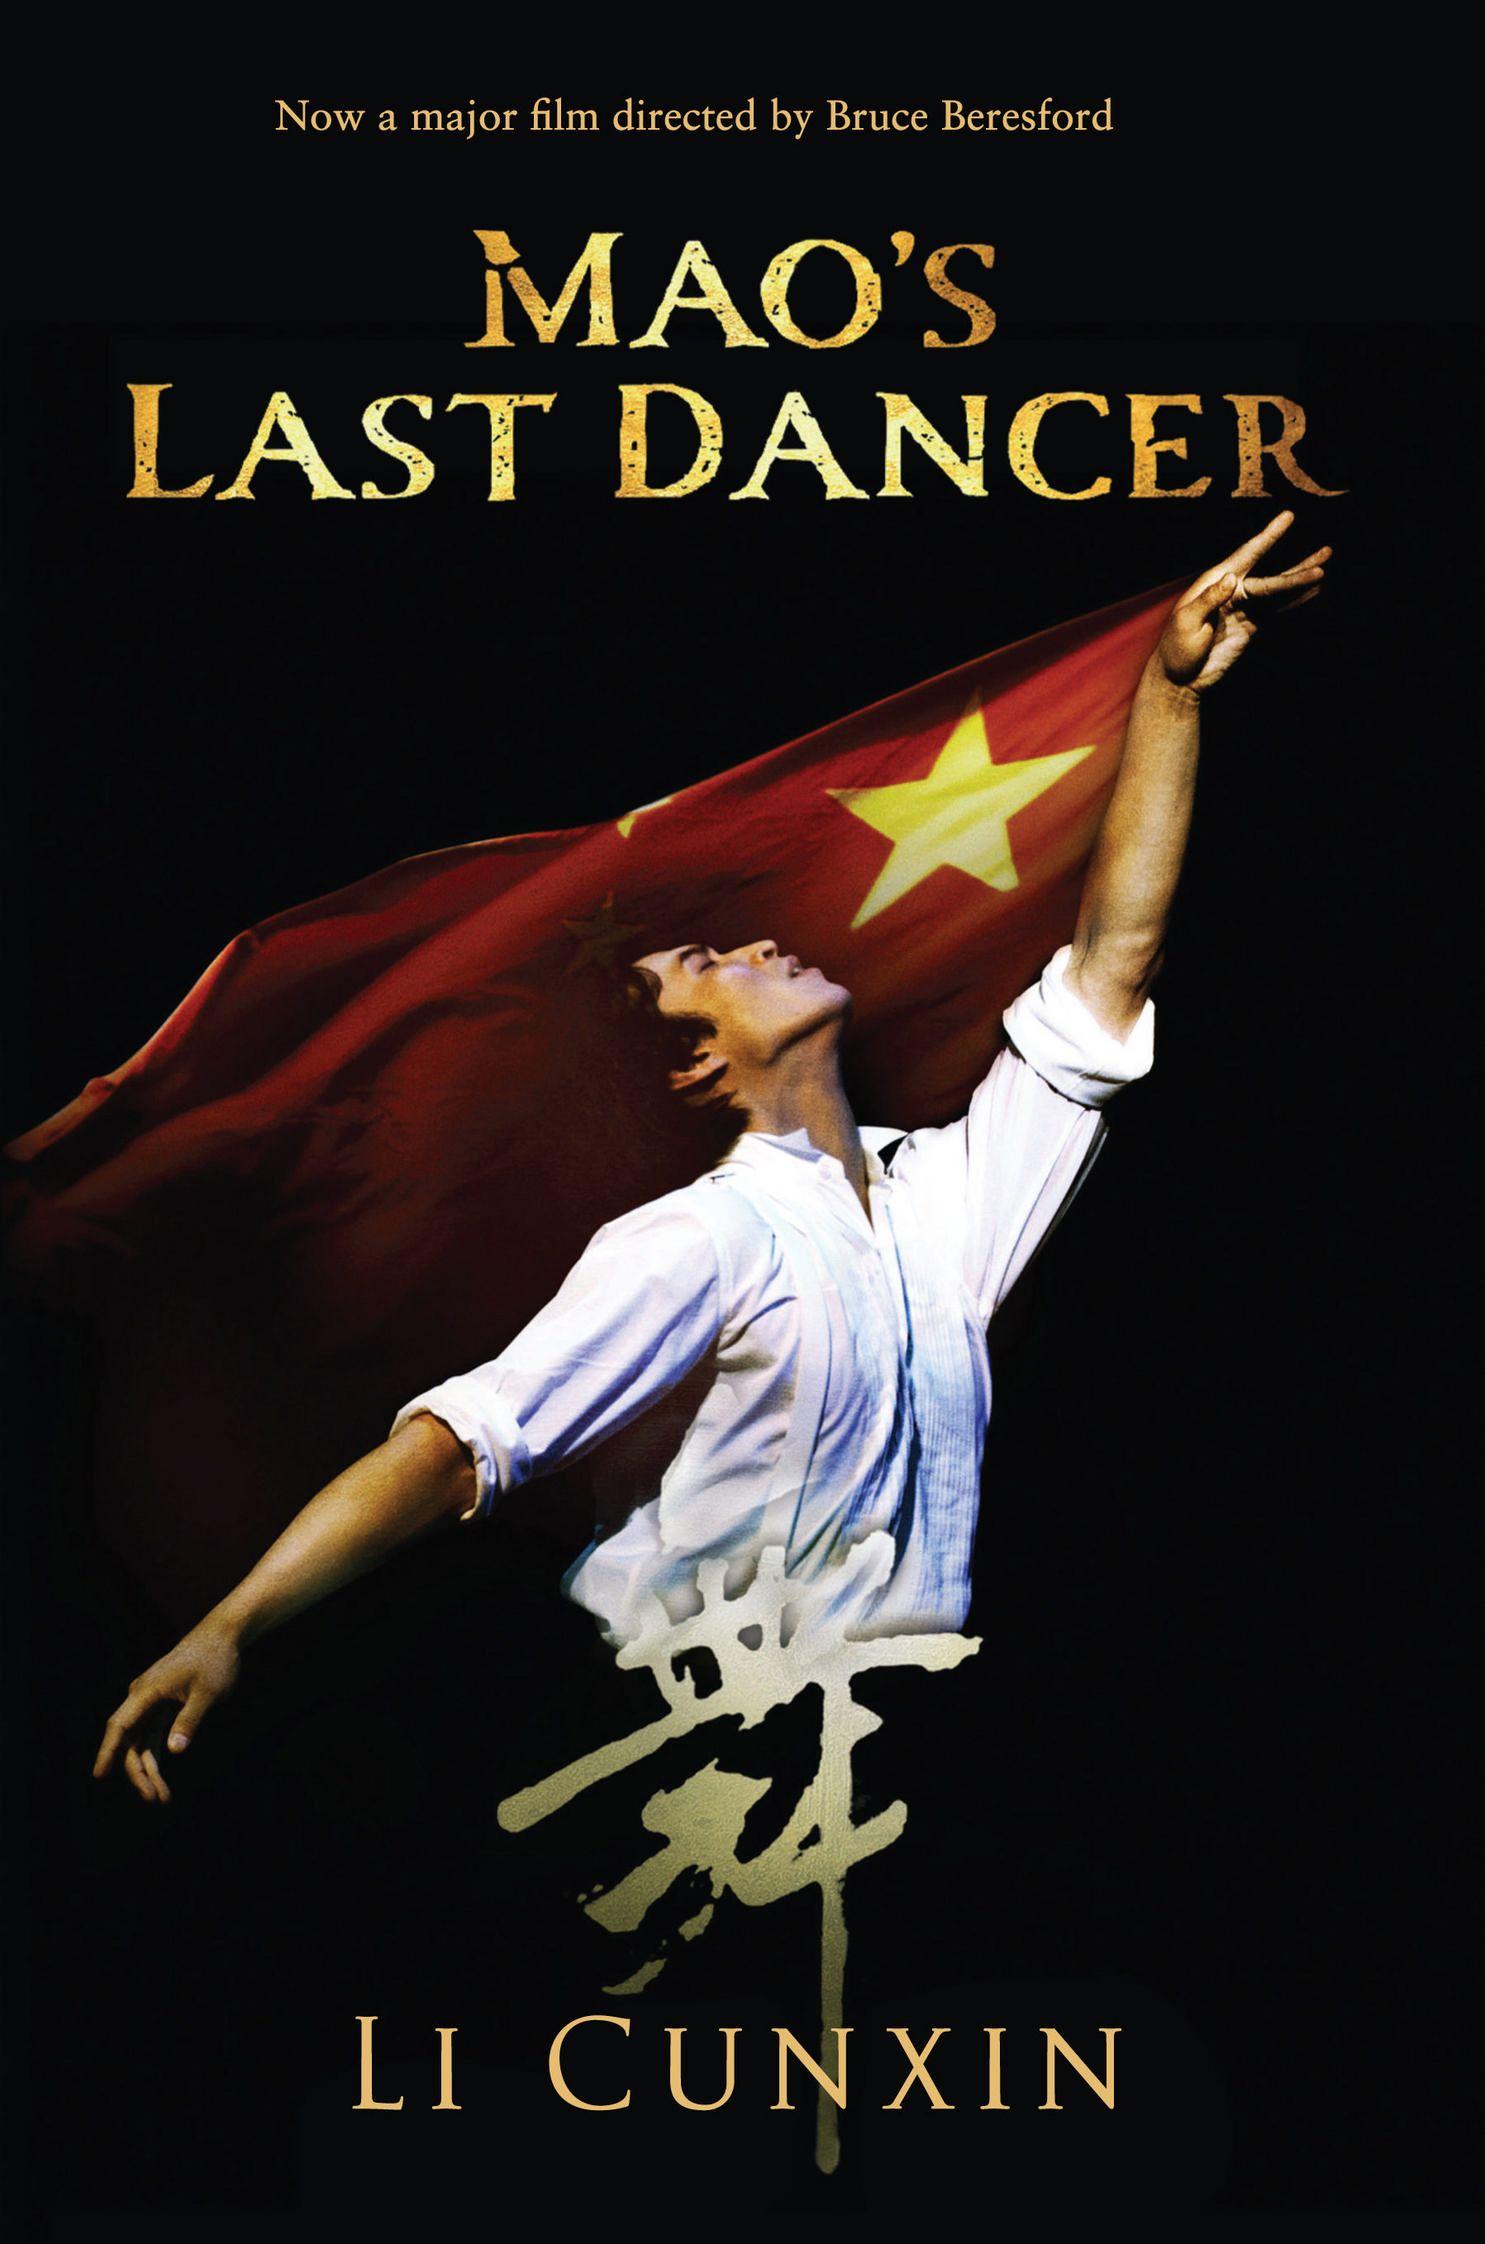 mao's last dancer book   li cunxin   mao's communist cultural revolution    thank you, shauna!